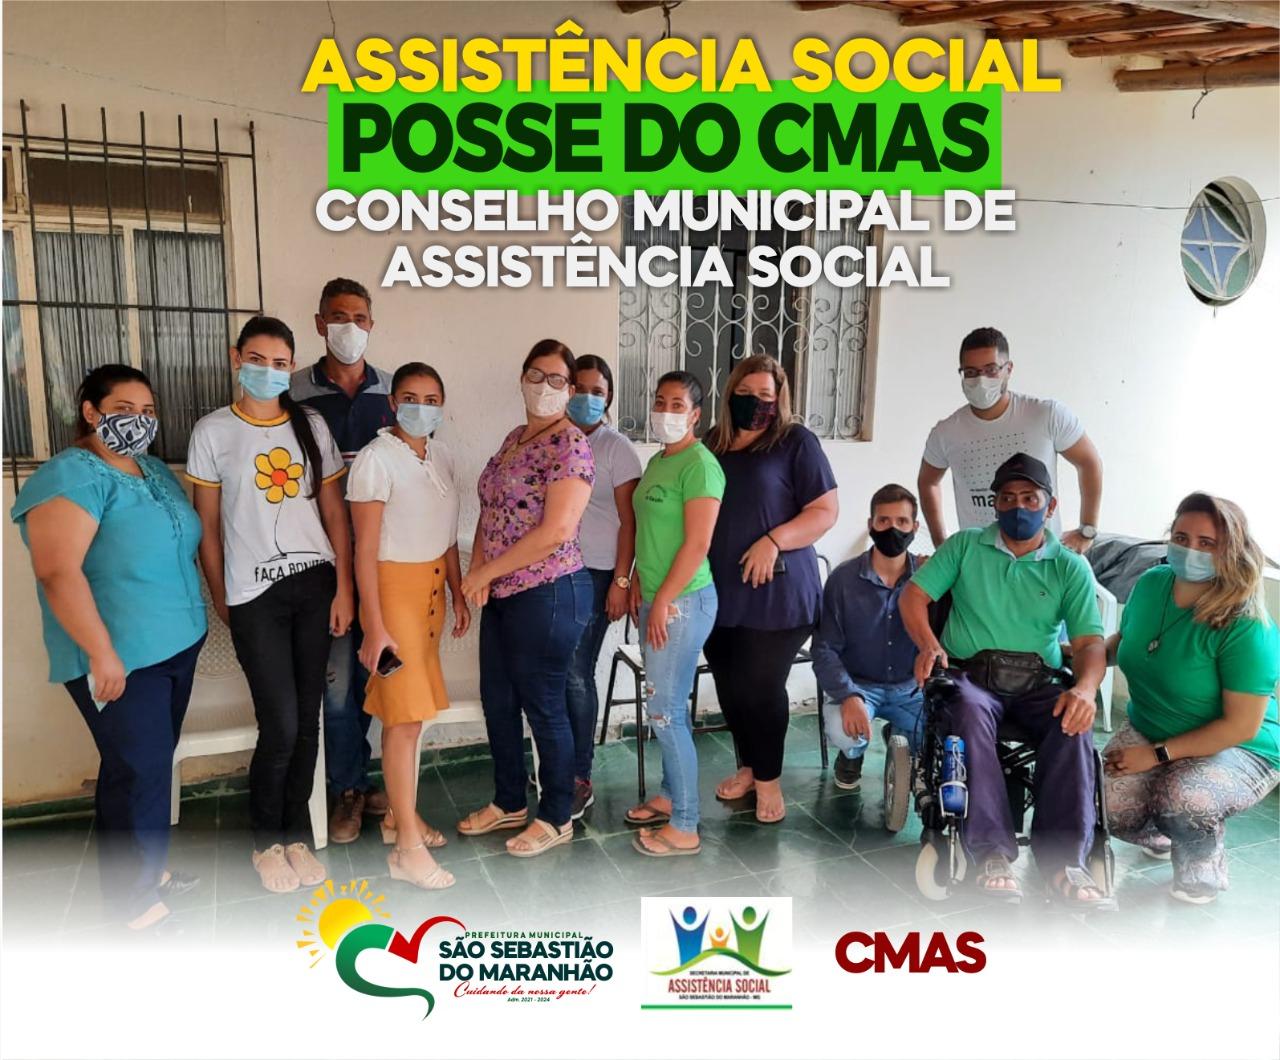 POSSE DO CONSELHO MUNICIPAL DE ASSISTÊNCIA SOCIAL